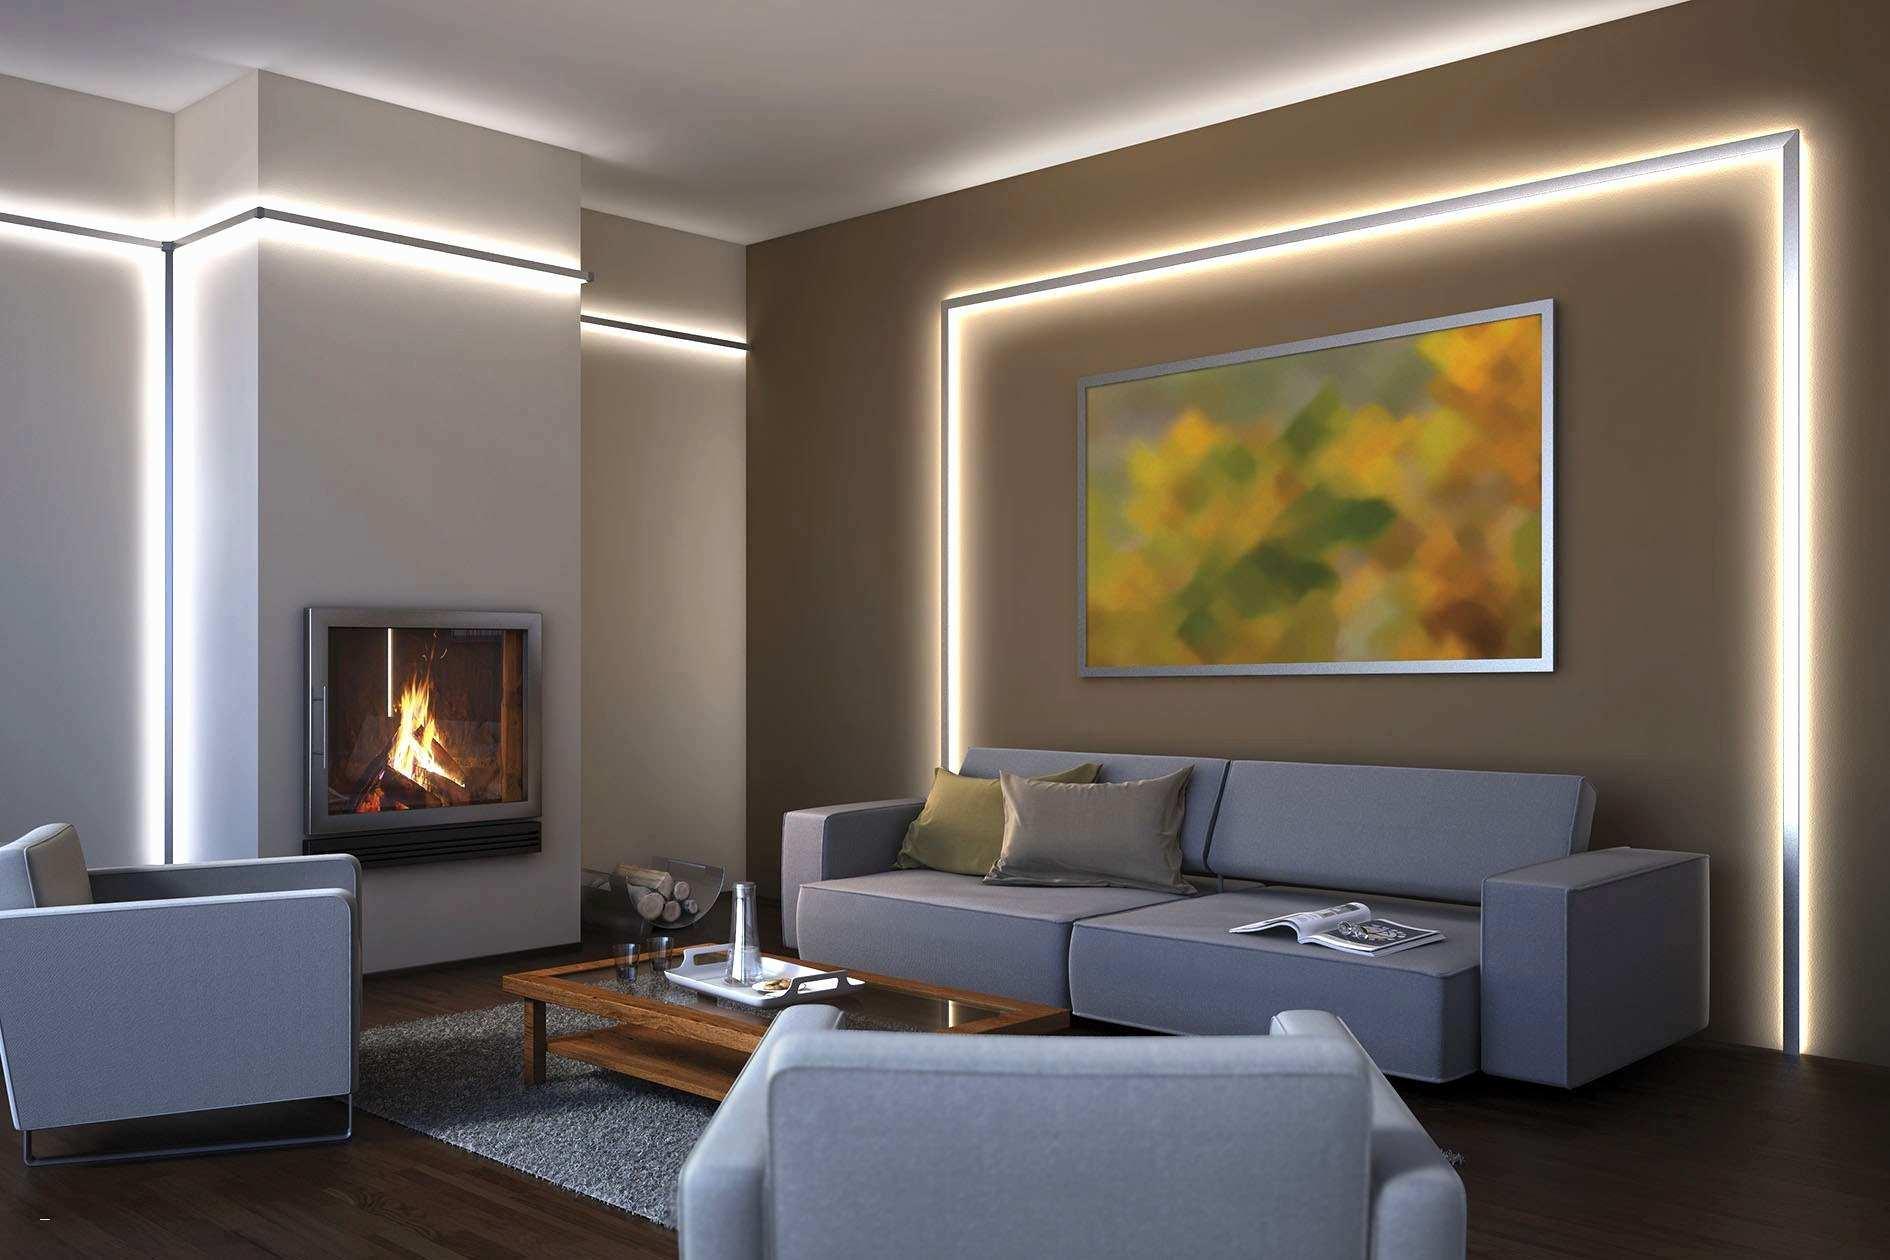 Full Size of Led Beleuchtung Für Wohnzimmer Led Beleuchtung Wohnzimmer Decke Led Beleuchtung Wohnzimmer Farbwechsel Beleuchtung Wohnzimmer Led Spots Wohnzimmer Led Beleuchtung Wohnzimmer